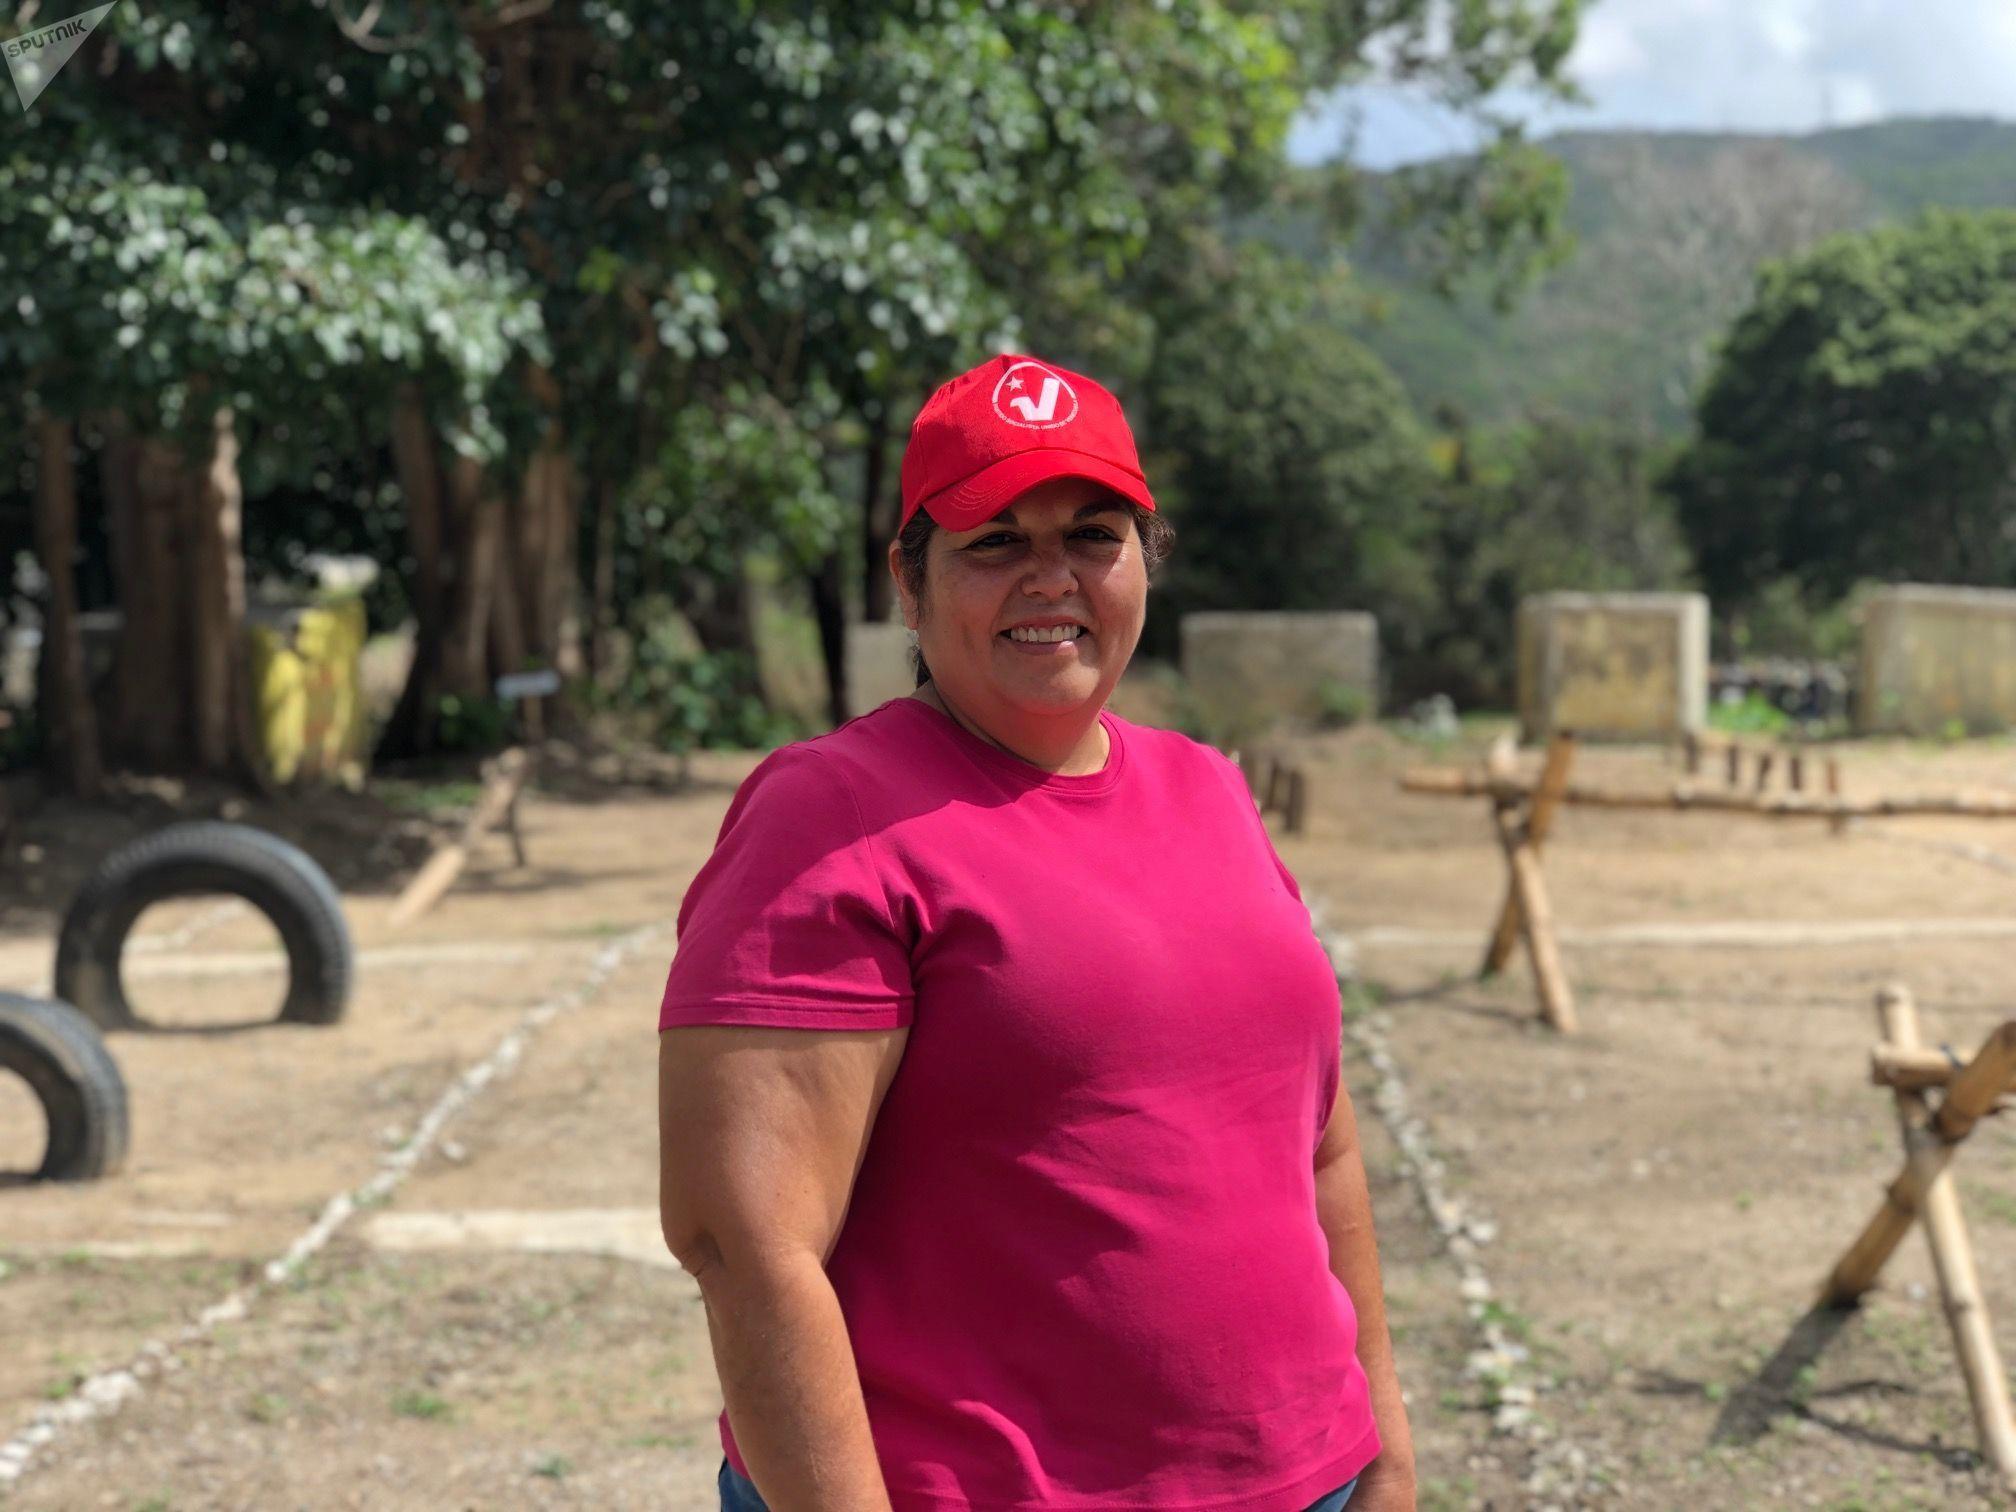 Astrid Villalobos tiene 56 años y participa de los entrenamientos populares del Método Táctico de Resistencia Revolucionaria